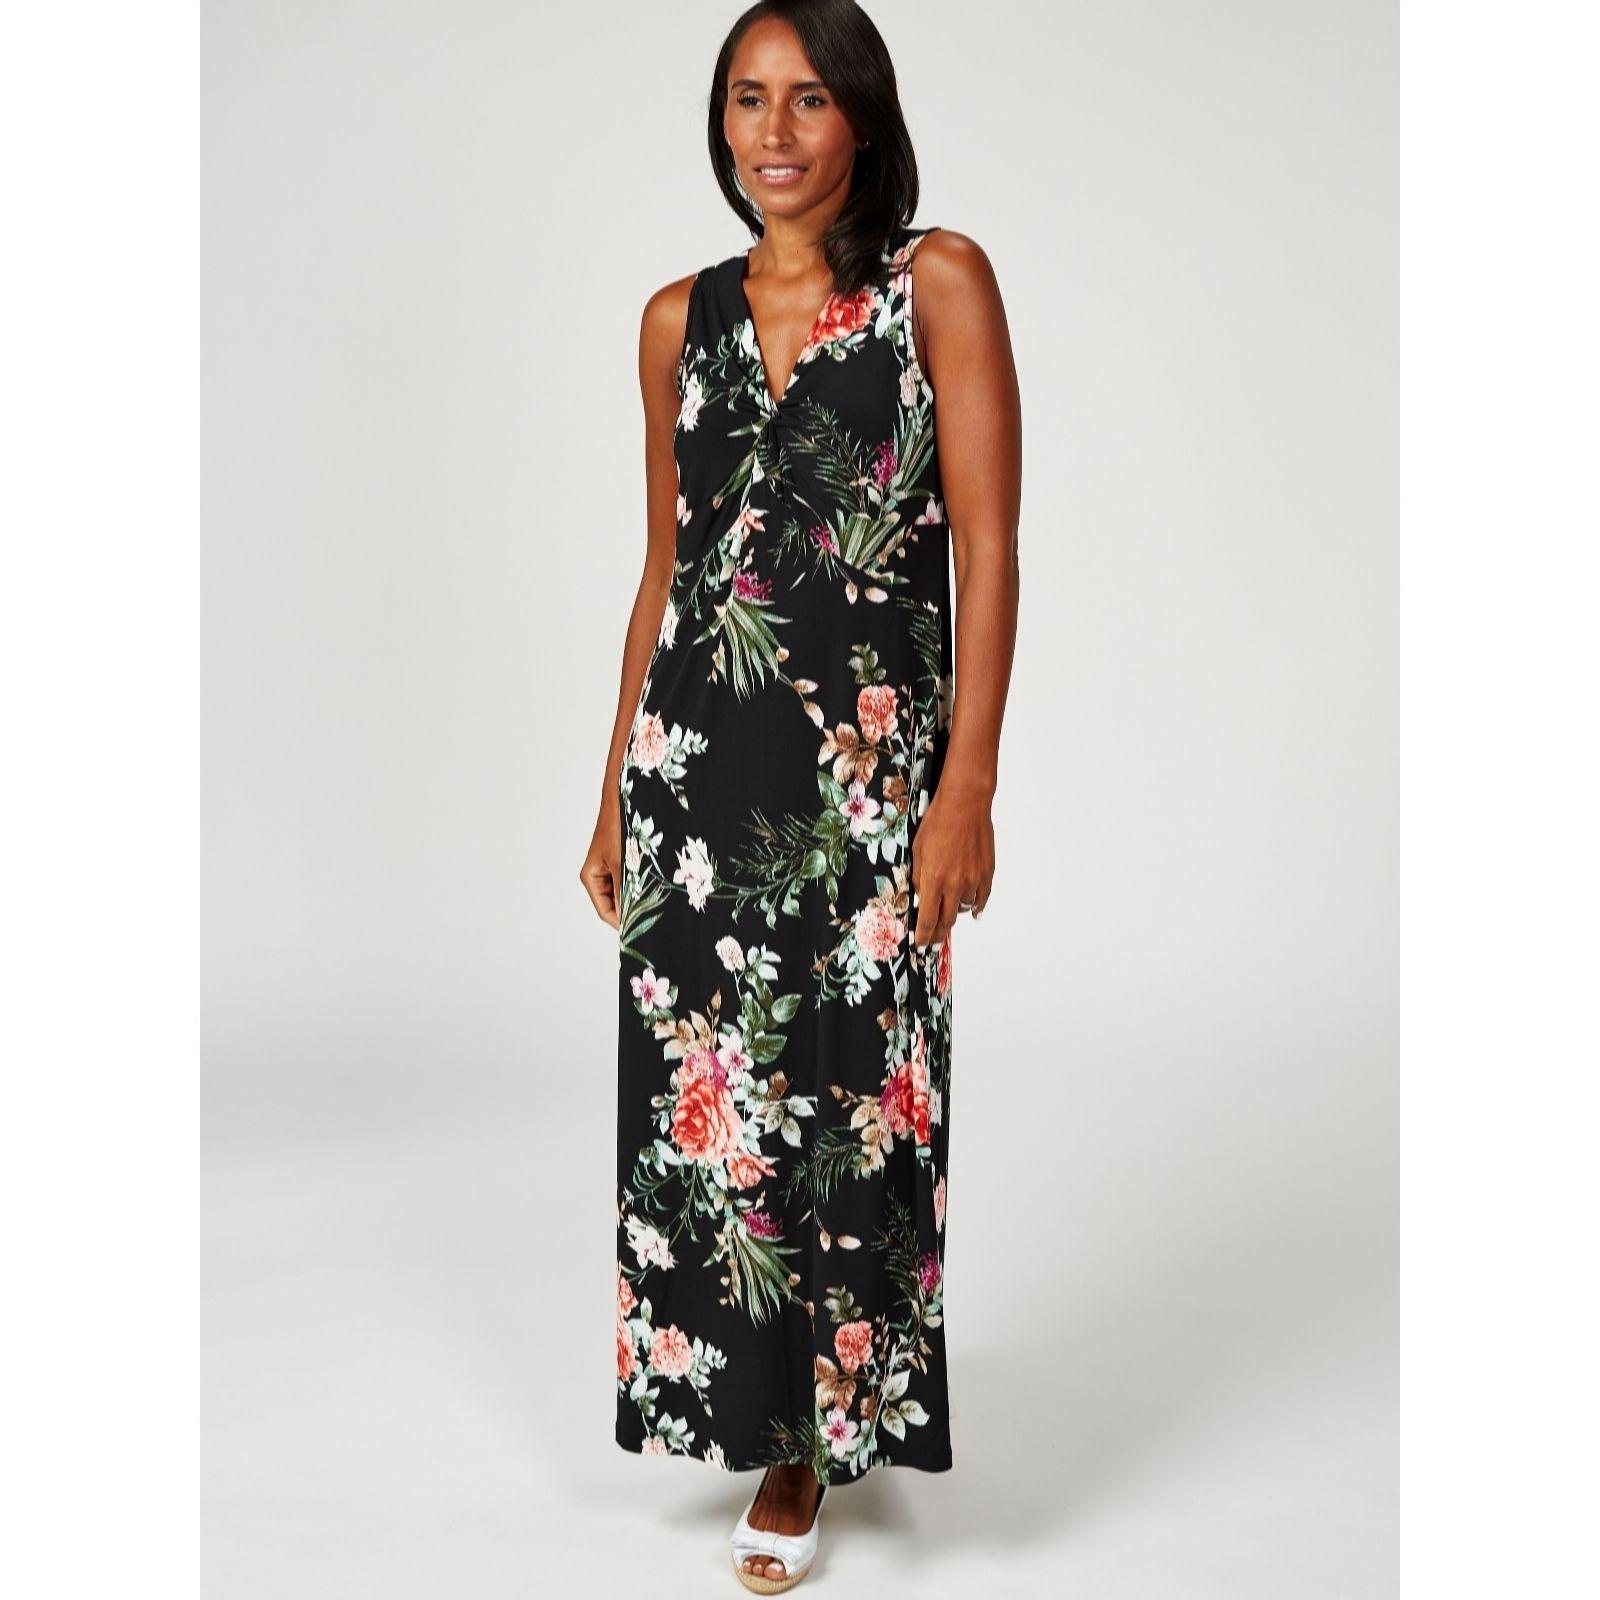 595357478ab4 Kim   Co Brazil Jersey Twist Front Printed Maxi Dress Regular - QVC ...